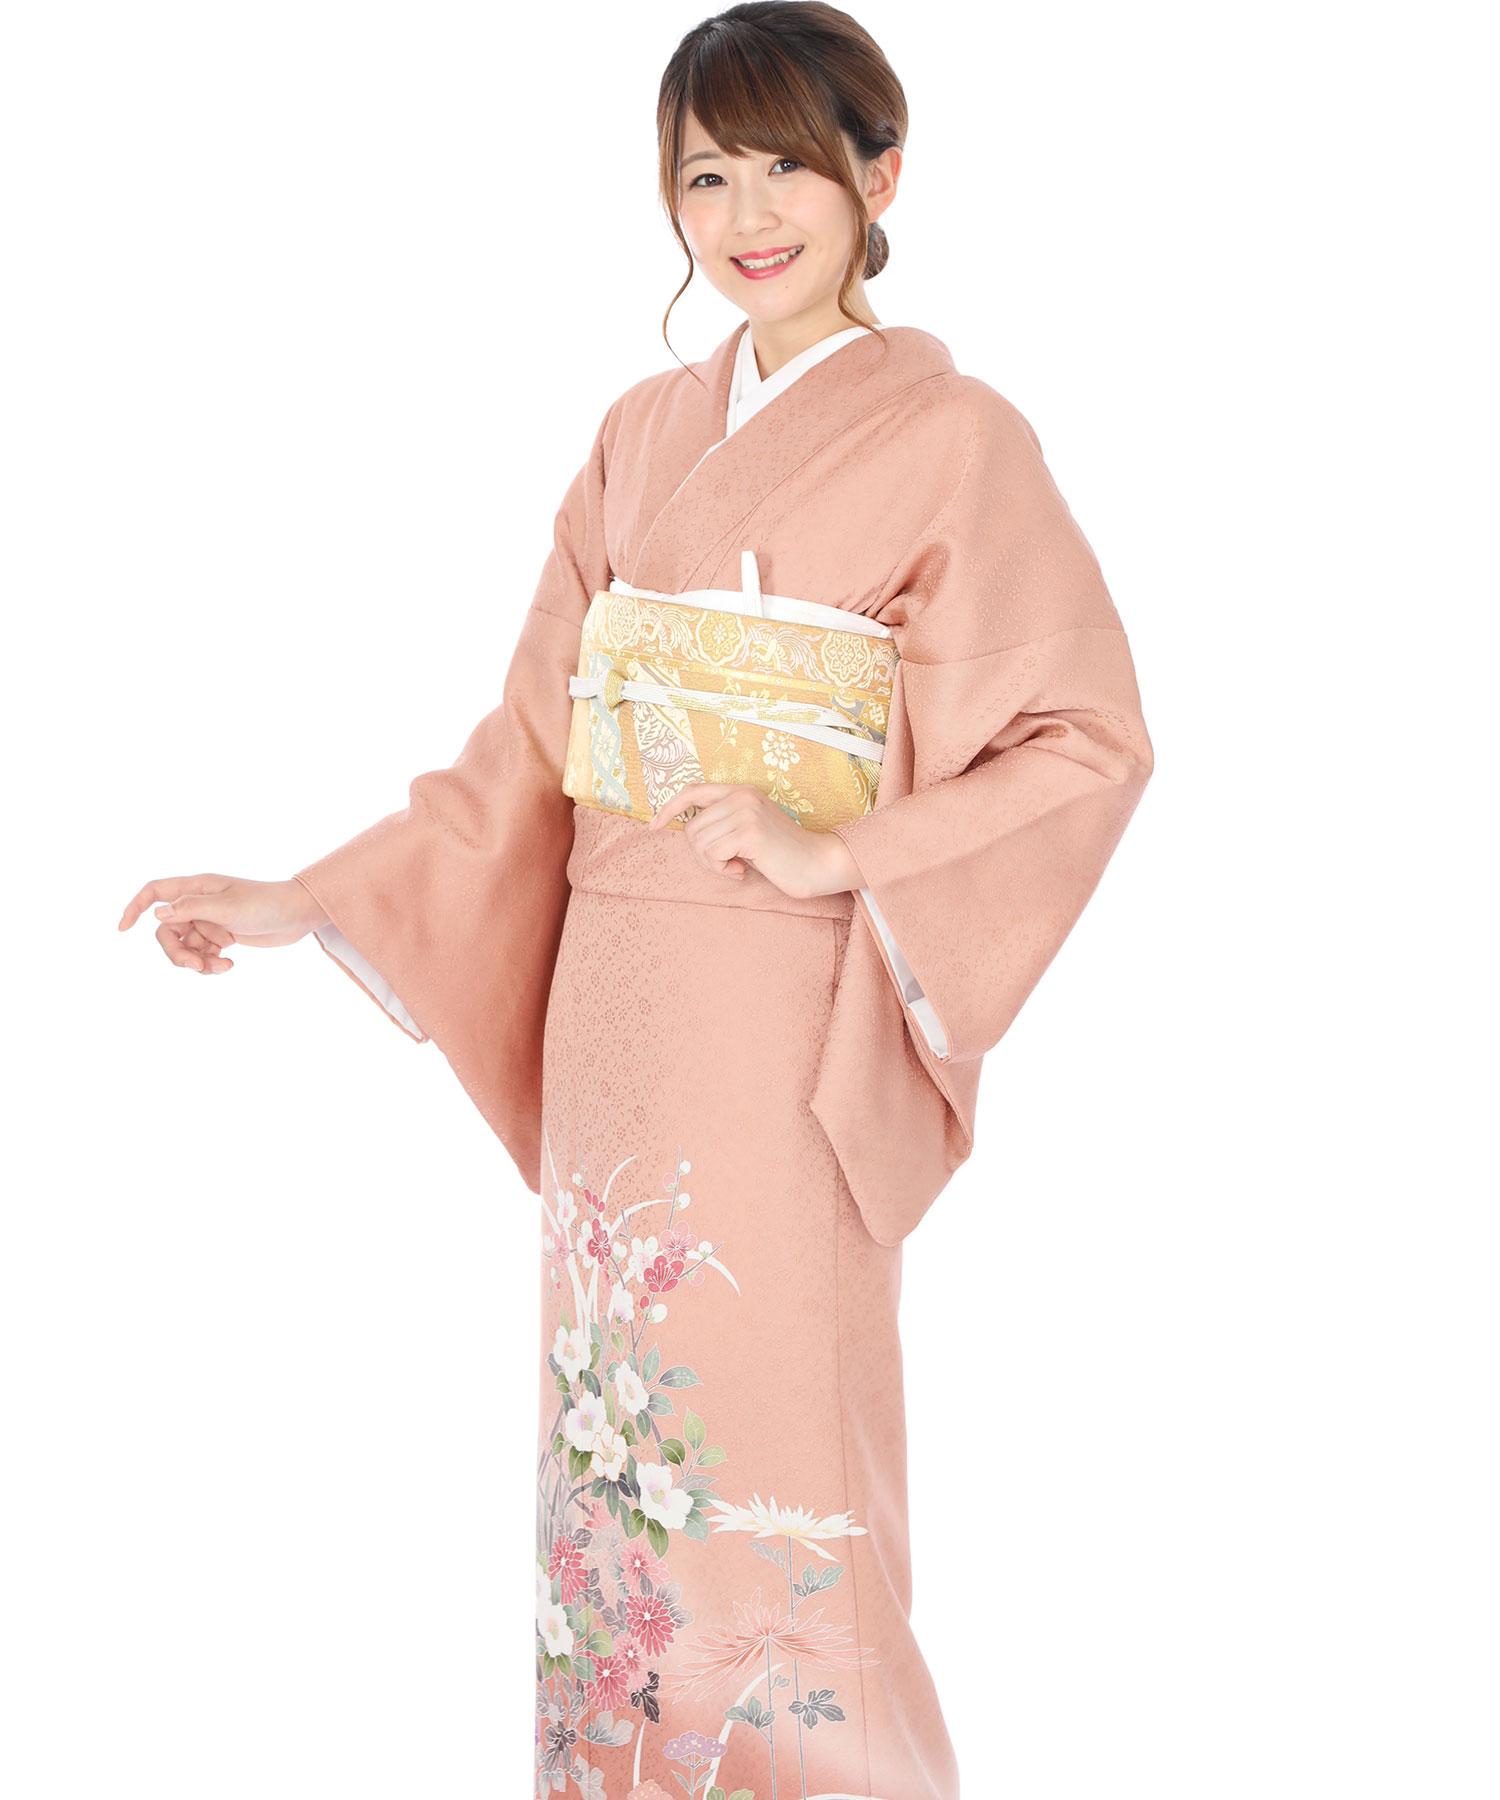 色留袖レンタル|ピンク地に梅と椿